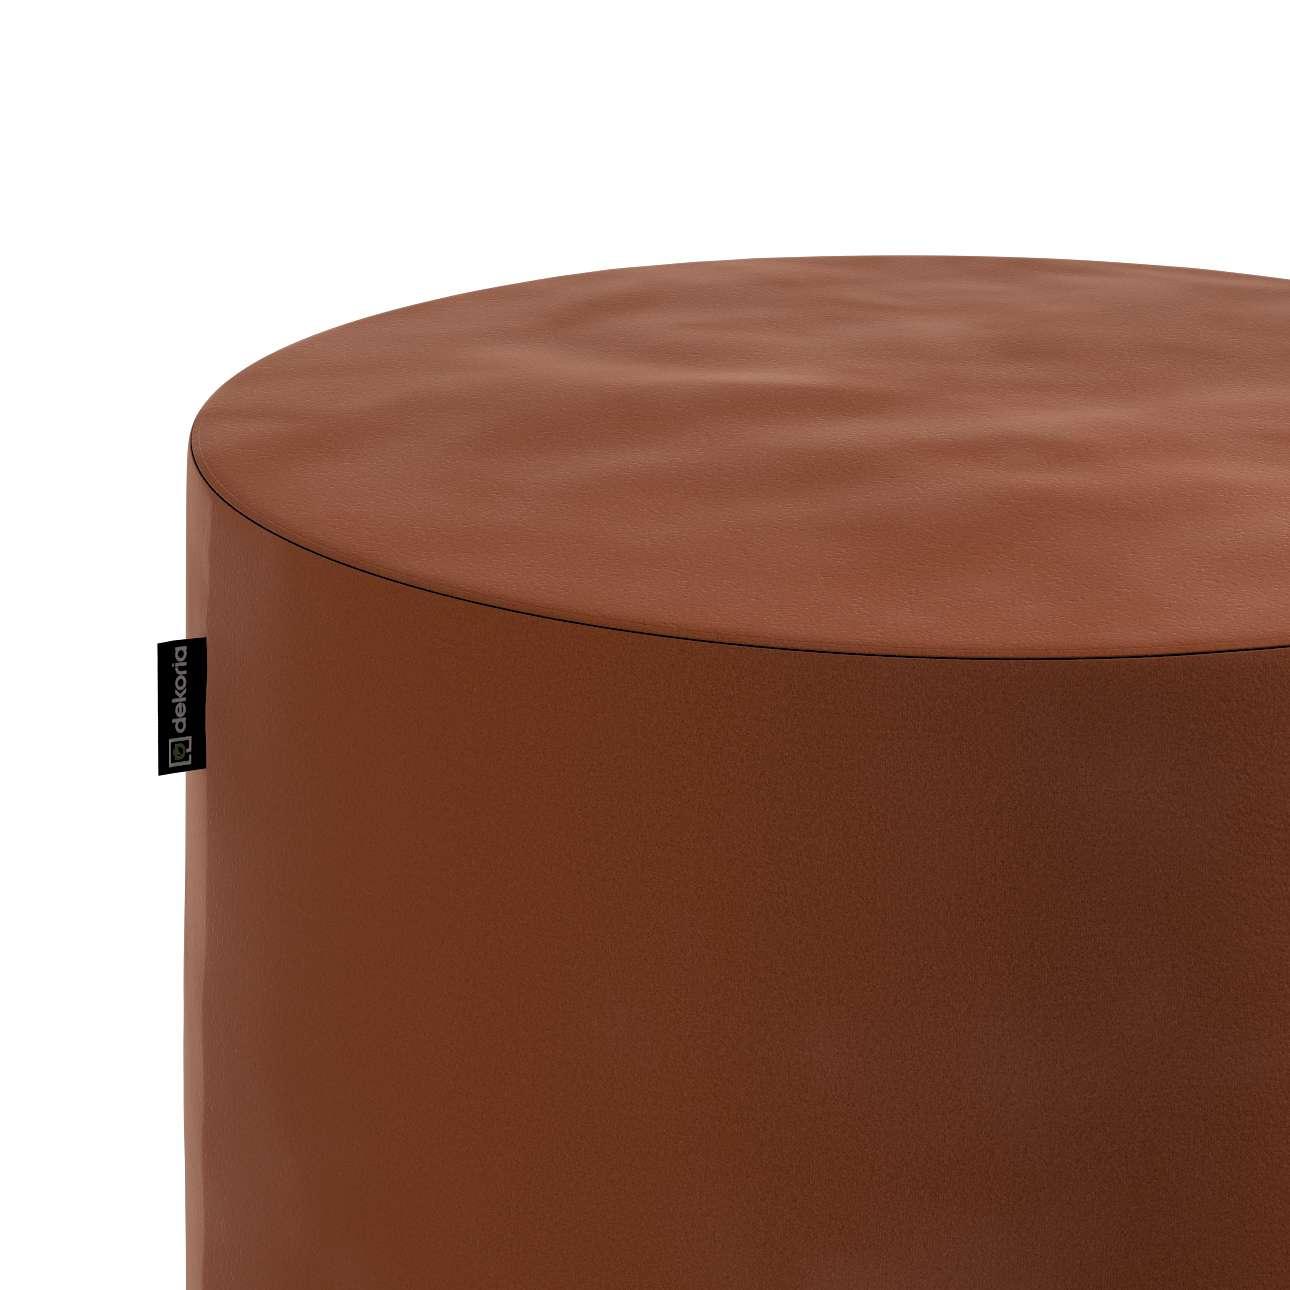 Pouf Barrel von der Kollektion Velvet, Stoff: 704-33